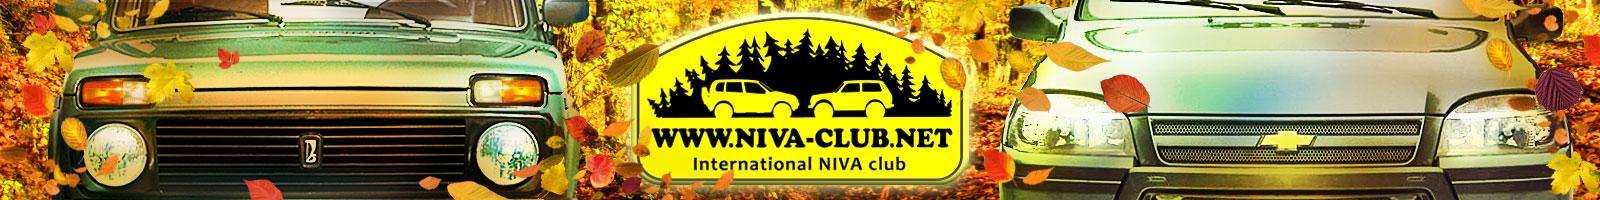 Нива - Клуб / Niva - Club